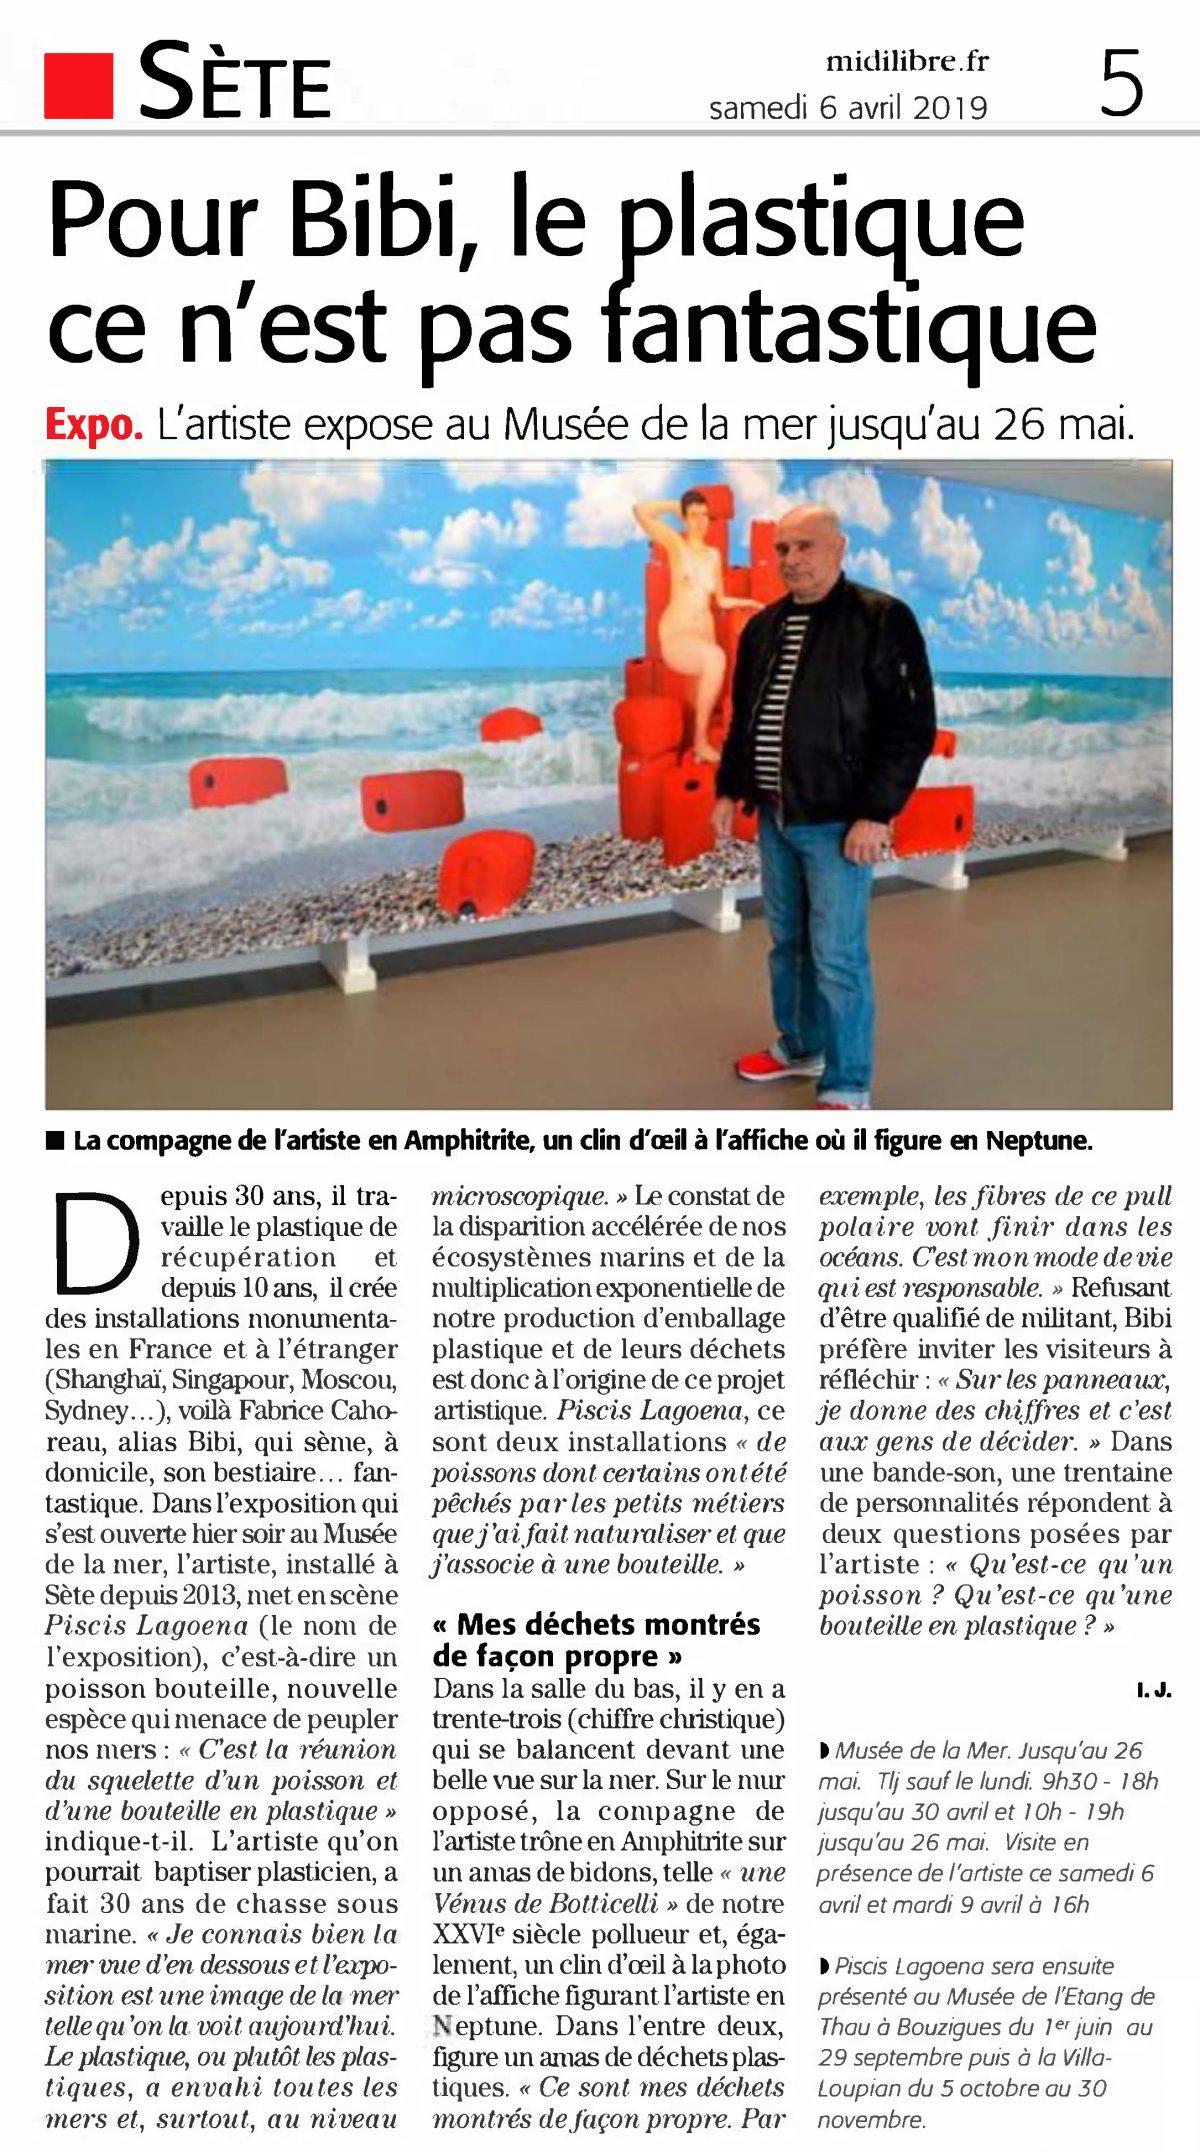 2019-04-06-Midi Libre